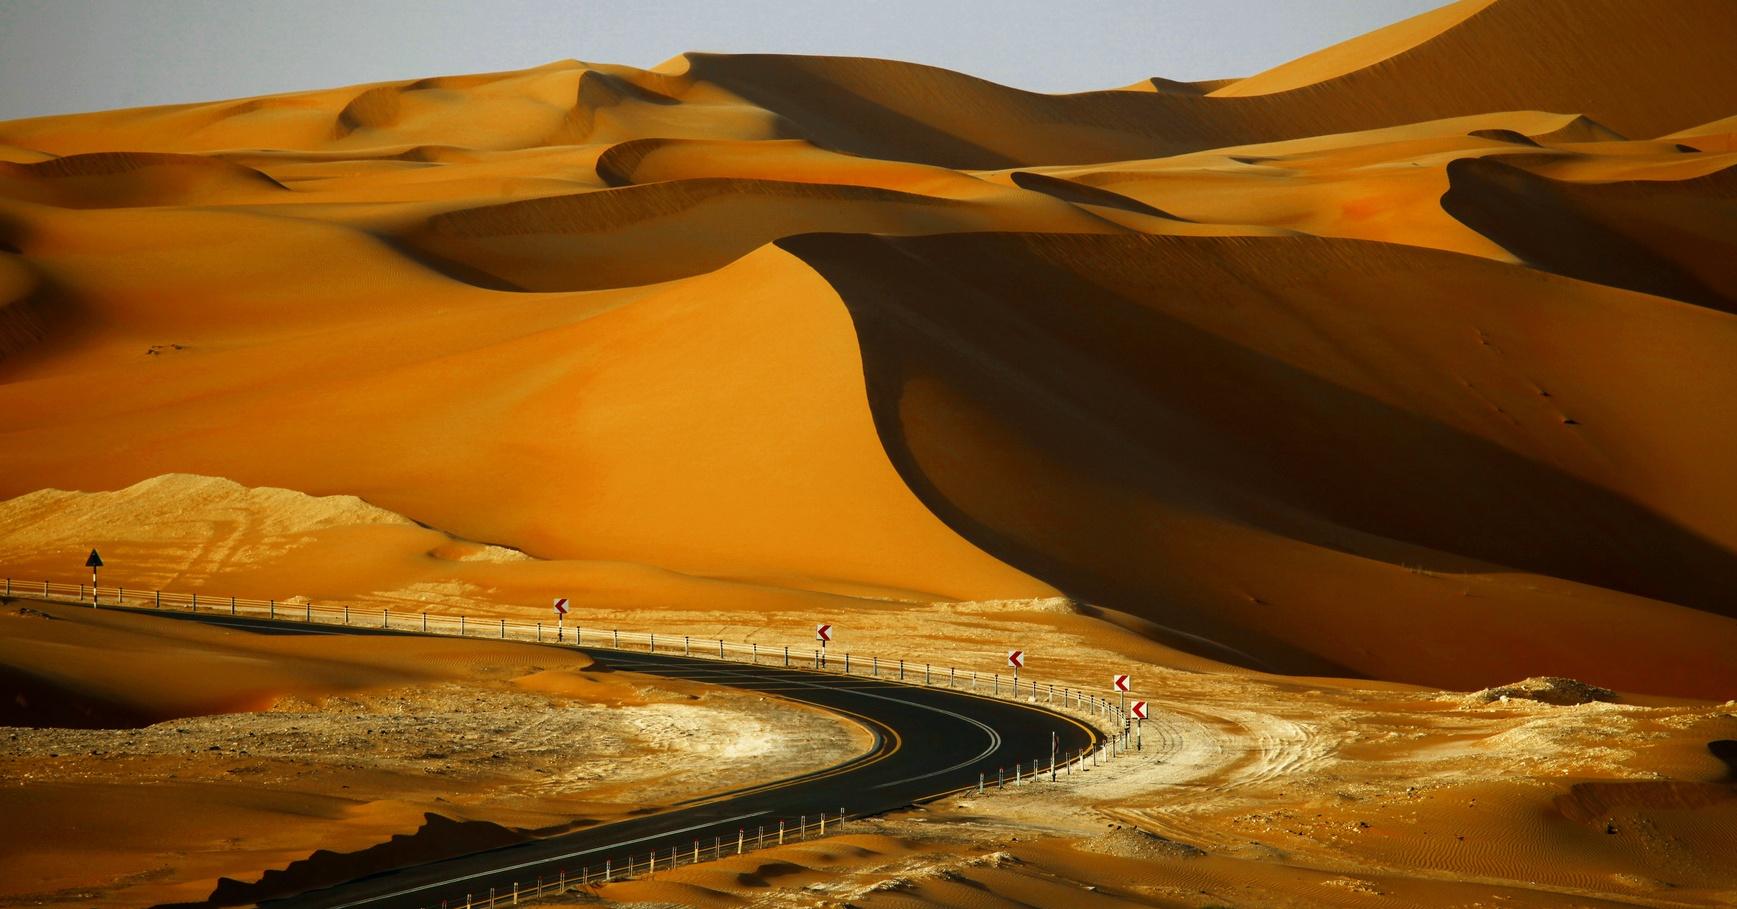 best-uae-road-trips-weekend-getaway-from-dubai-0-0